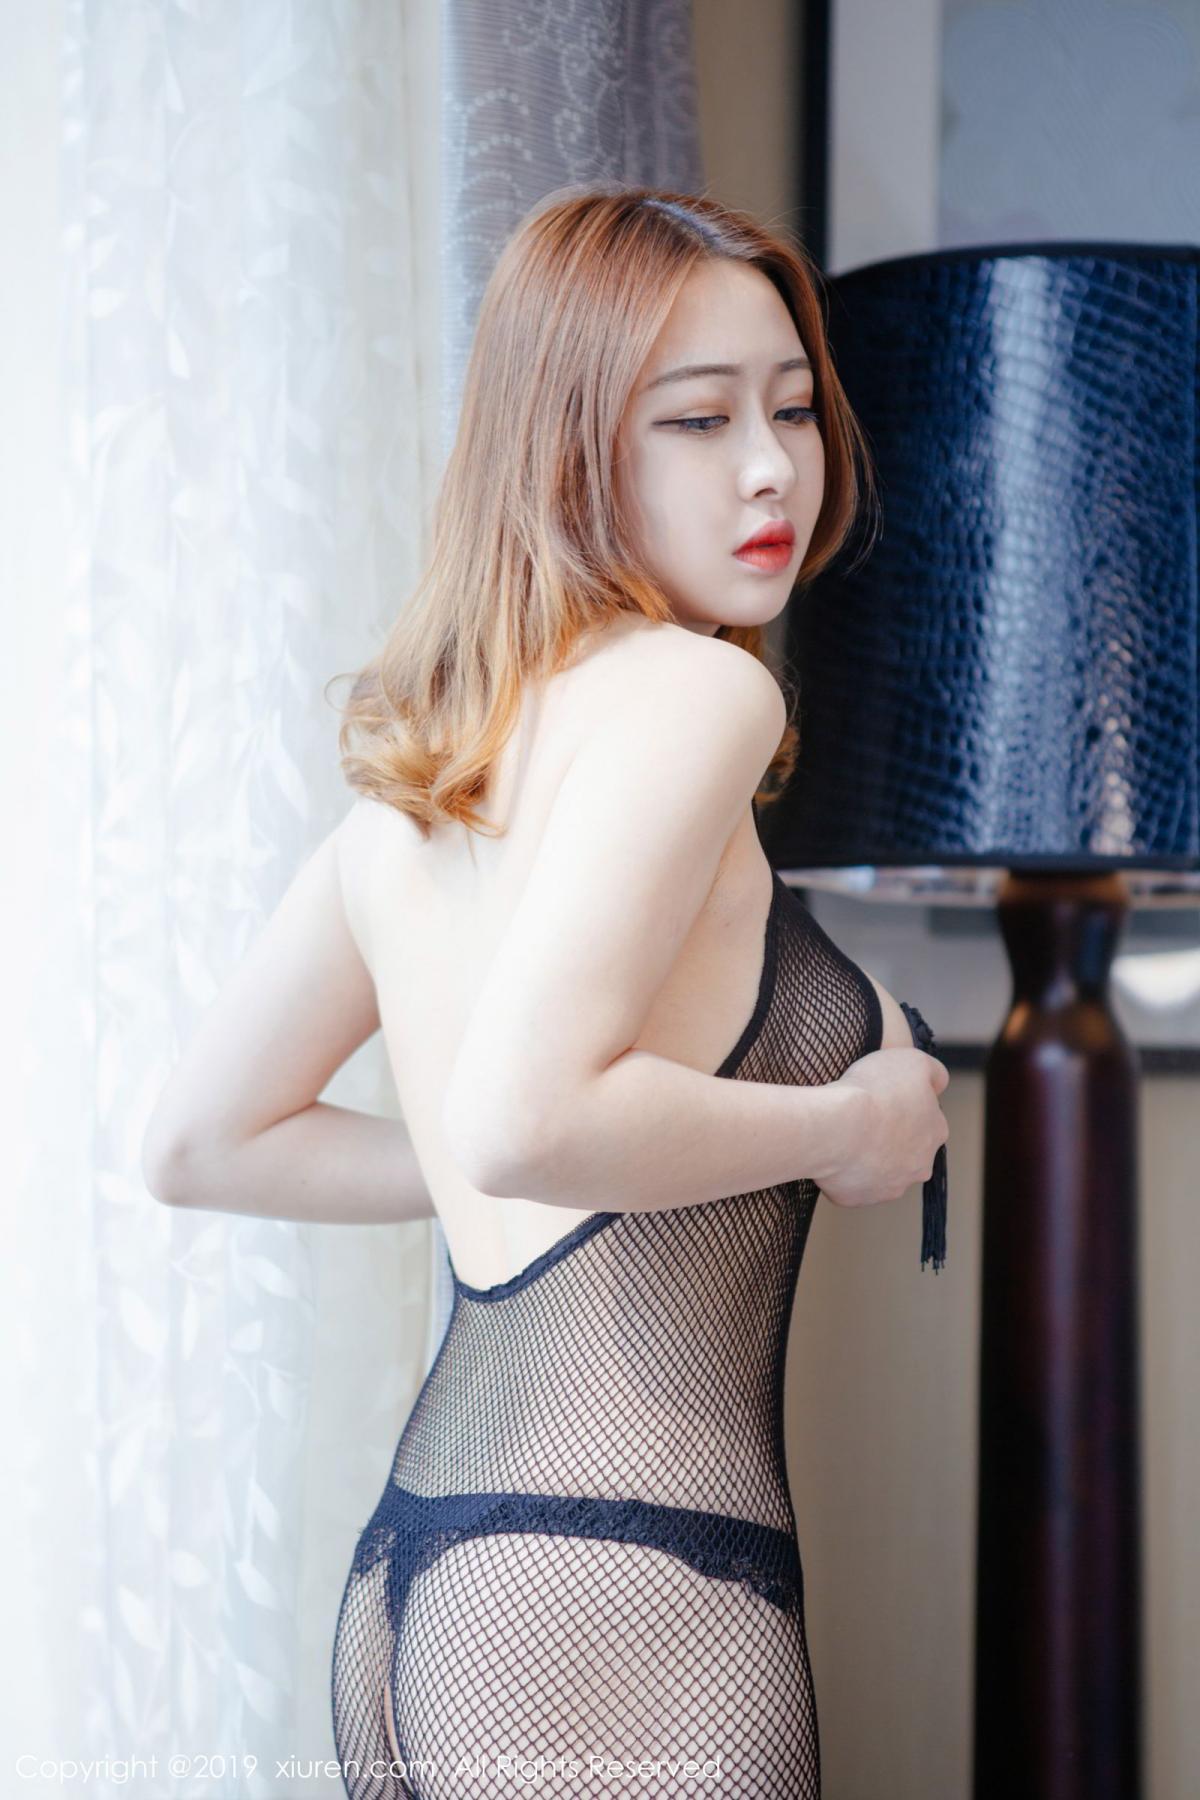 [XiuRen] Vol.1481 Yao A Yao De Yao 12P, Adult, Xiuren, Yao A Yao De Yao